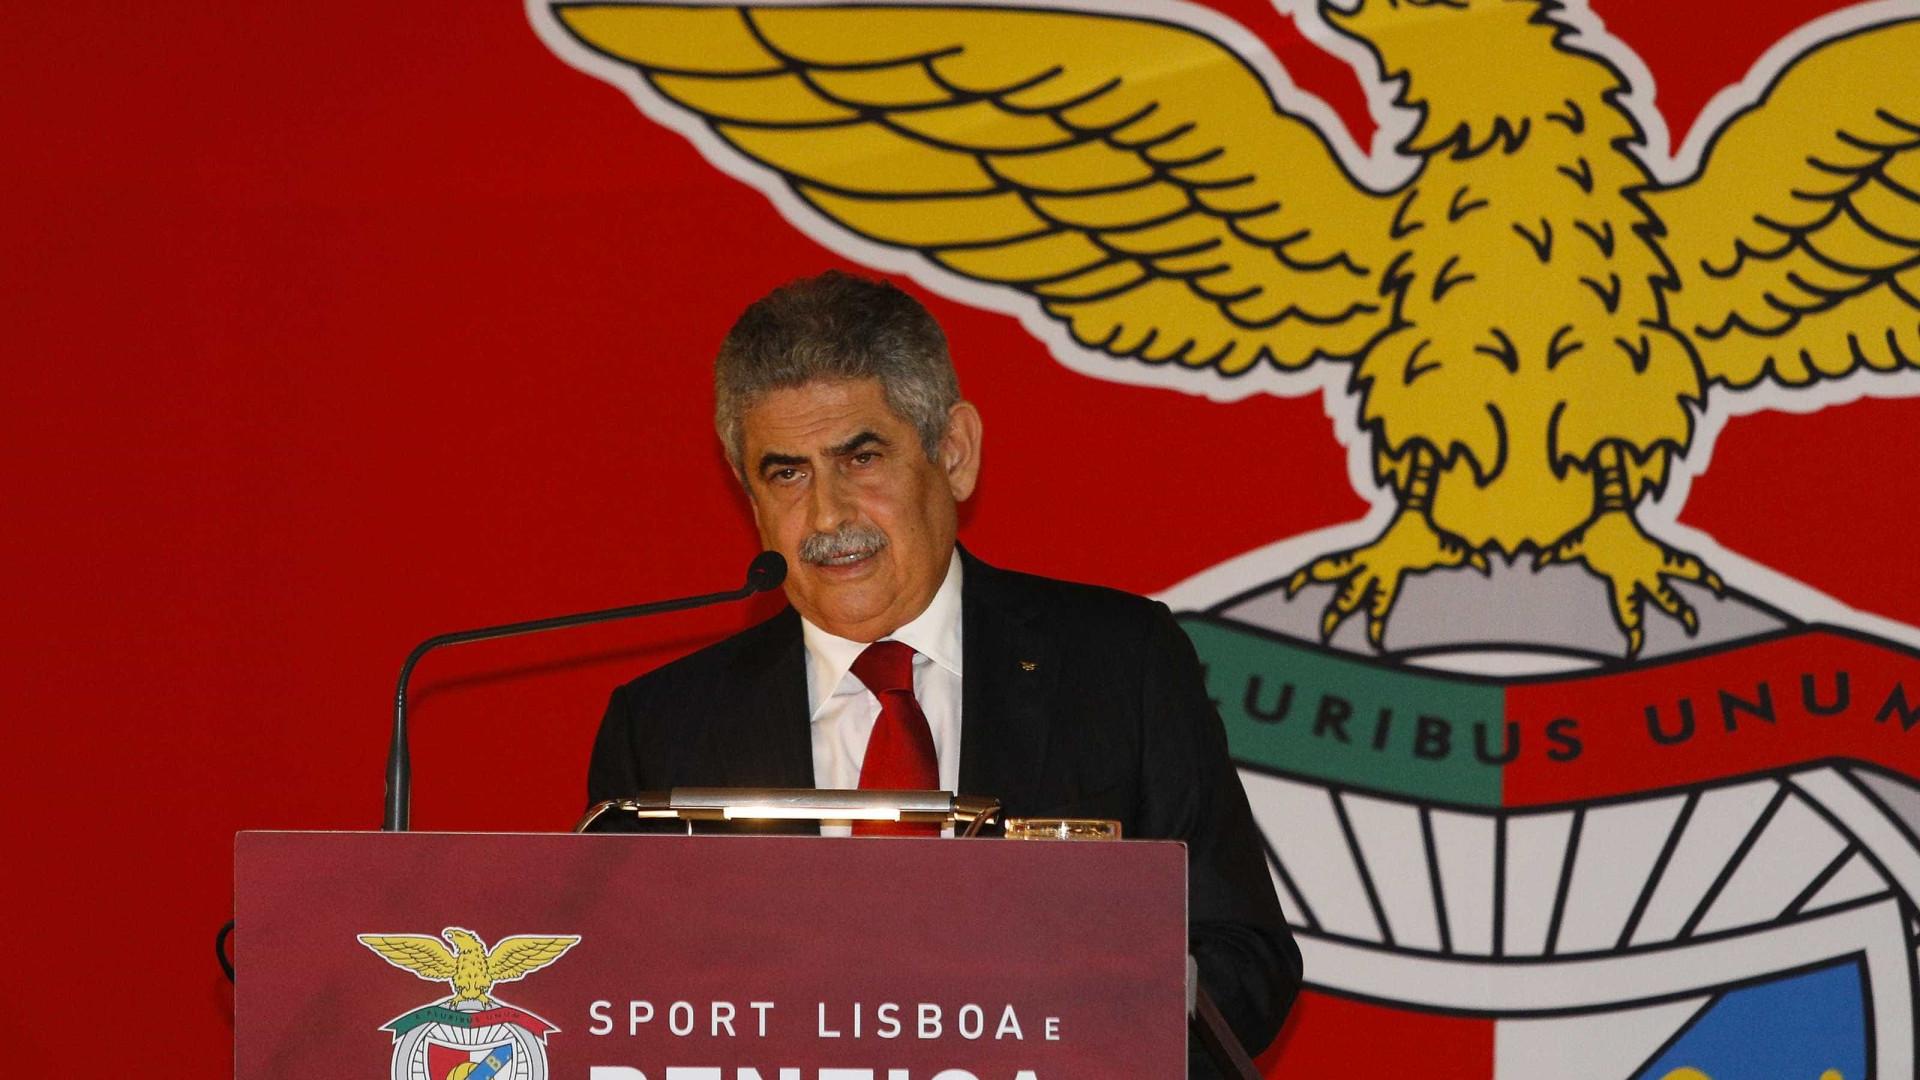 Presidente do Benfica é arguido na Operação Lex